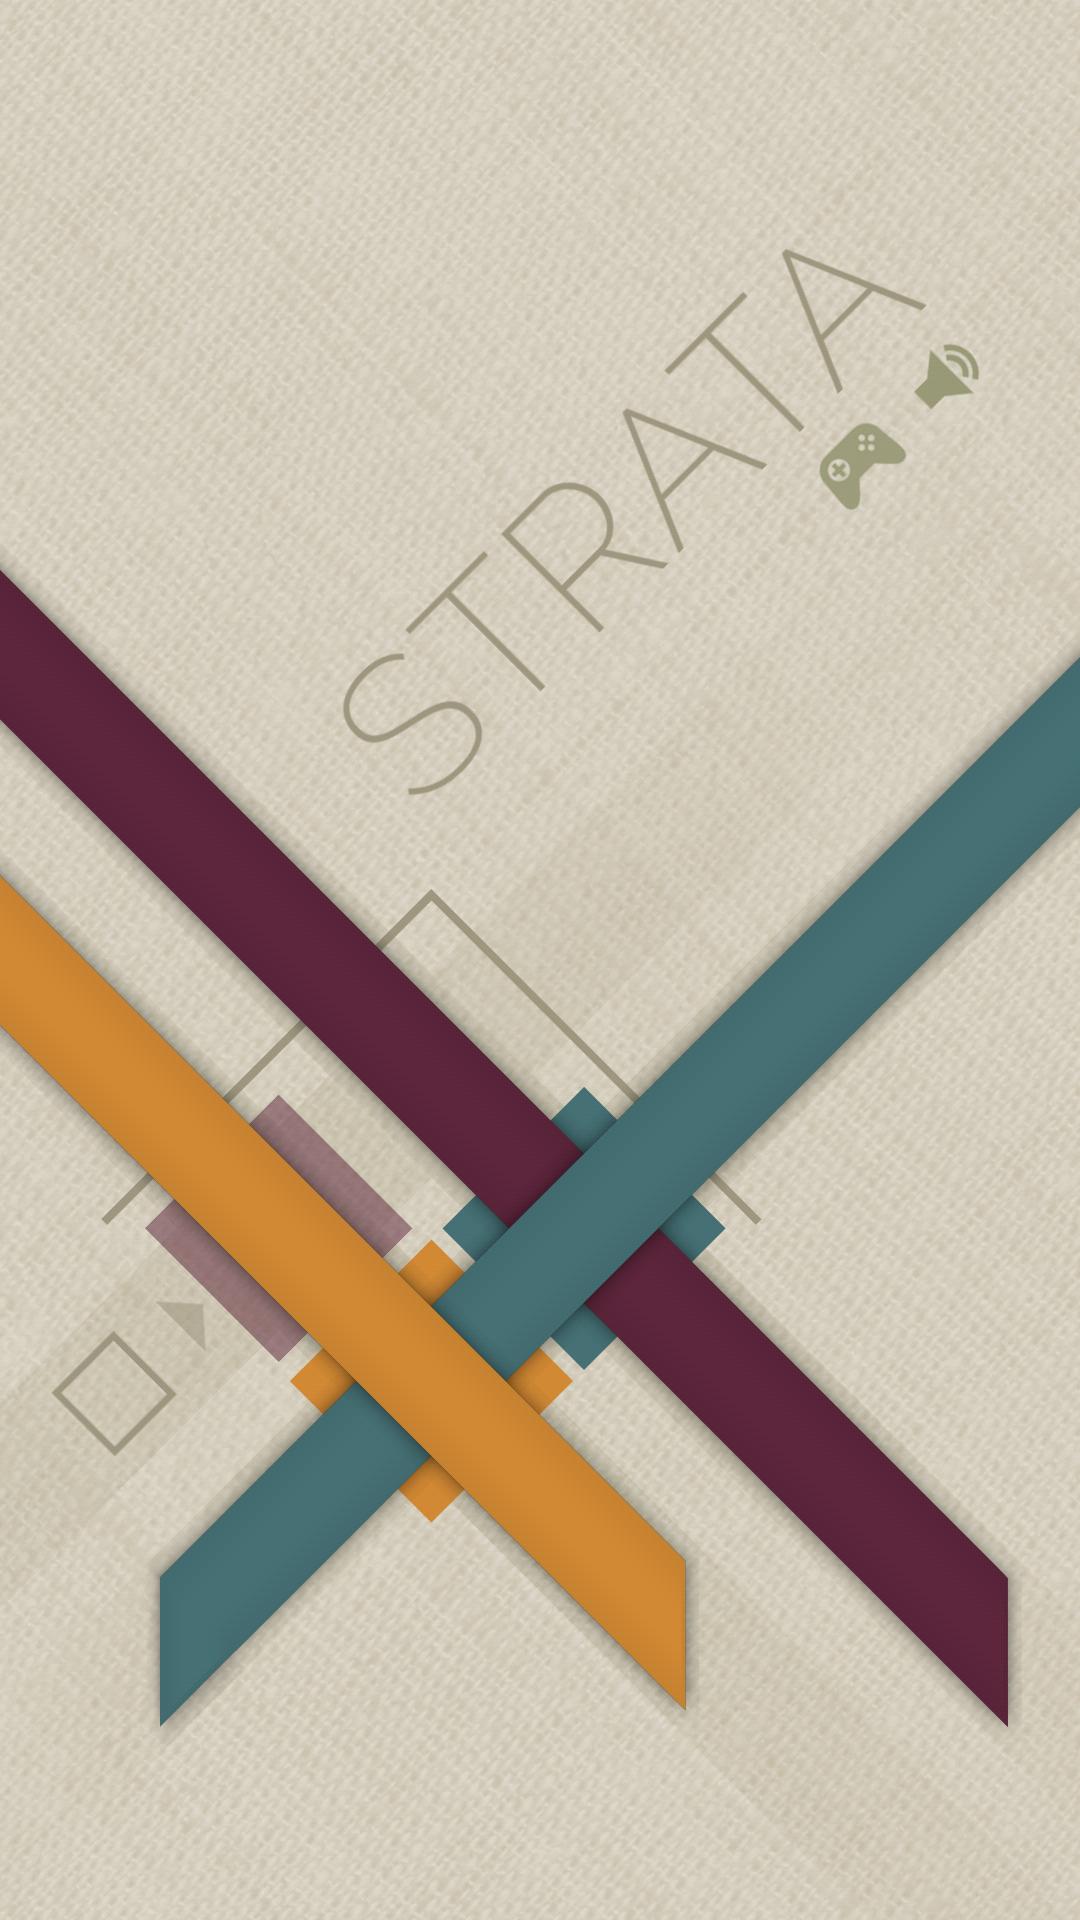 Ako Sideload aplikácie na Android, existujú riziká? 8